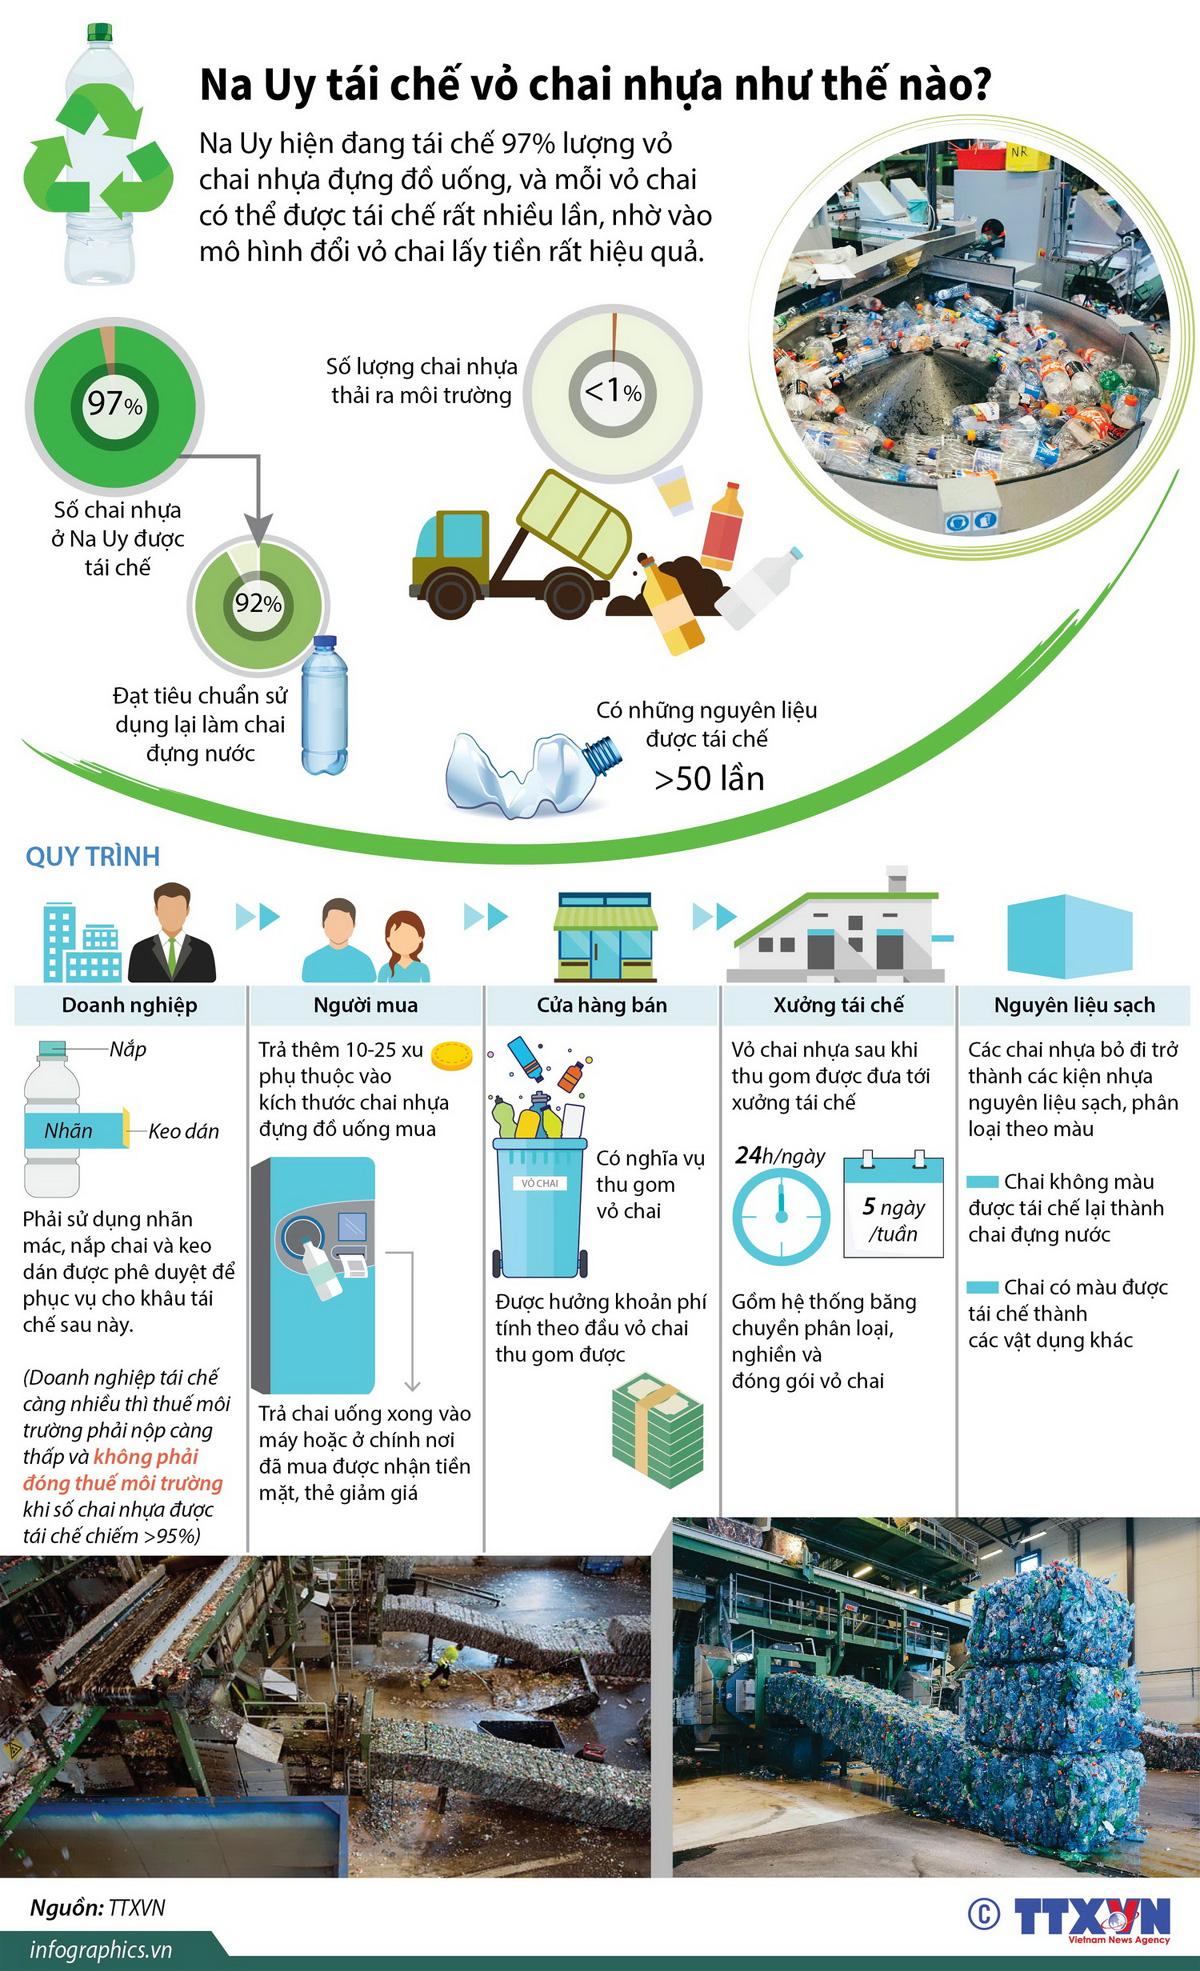 chai nhựa đựng đồ uống, nhựa tái chế, rất hiệu quả, đổi vỏ chai lấy tiền